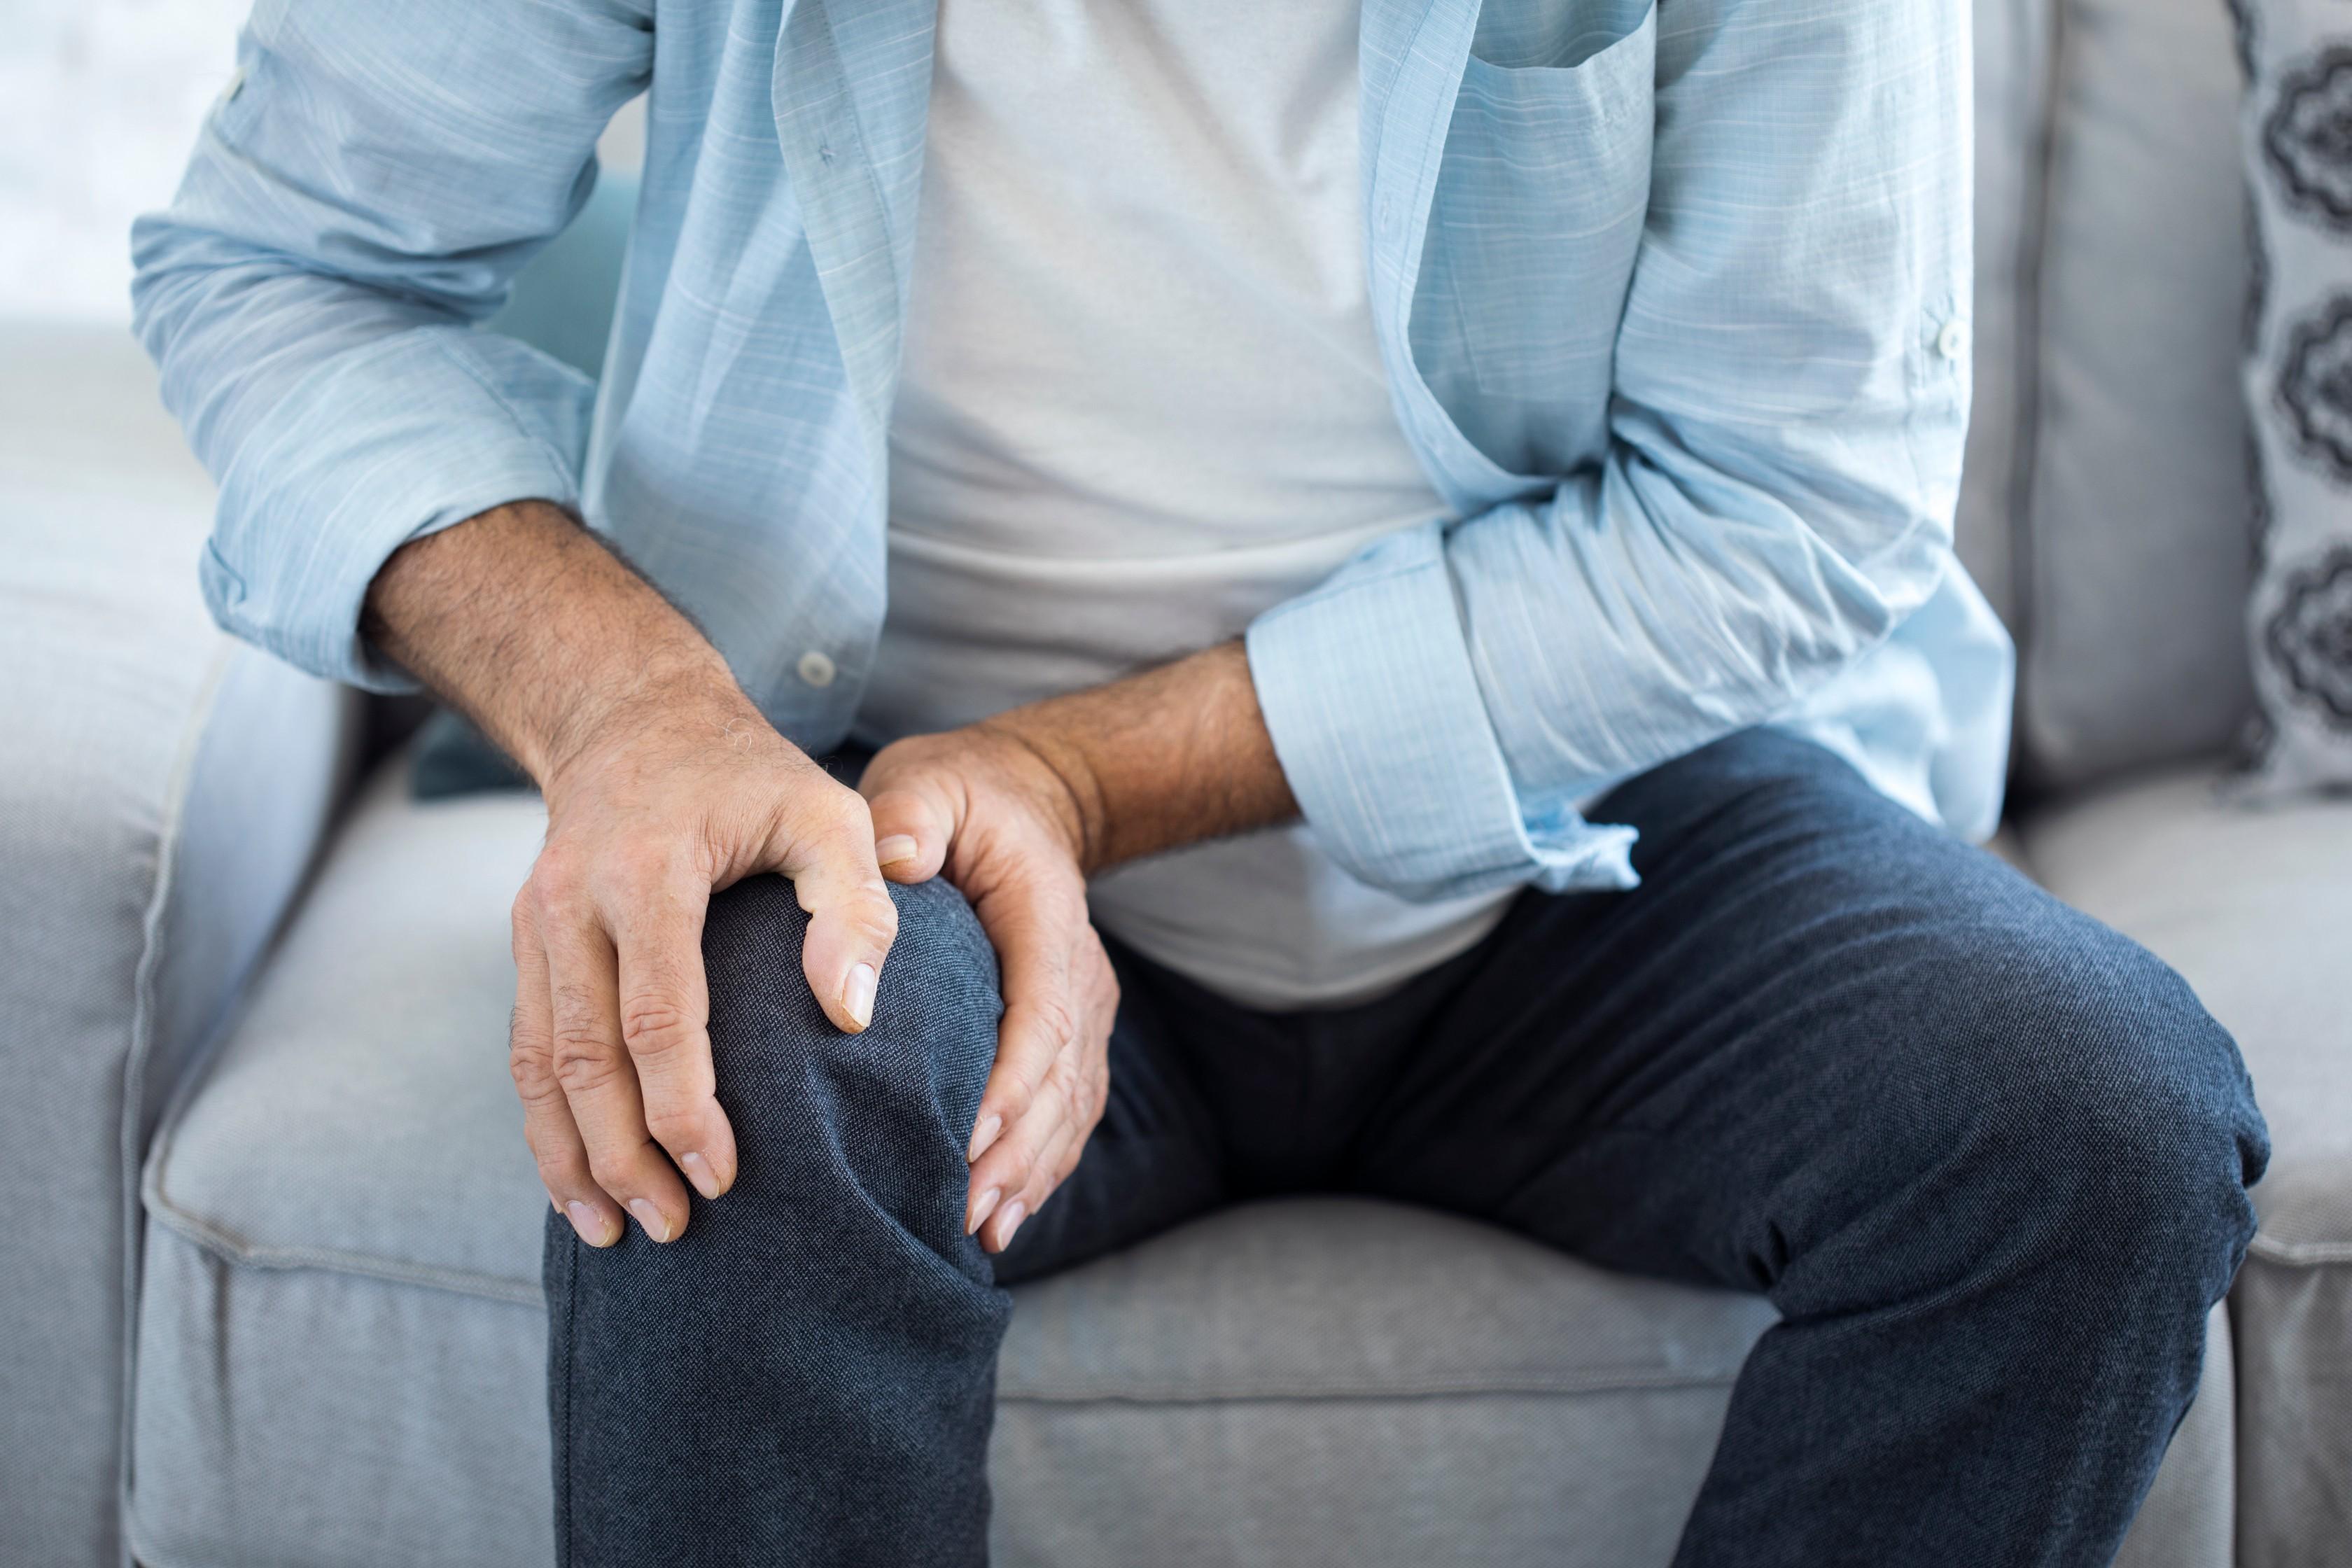 hogyan lehet kezelni, ha az ízület fáj